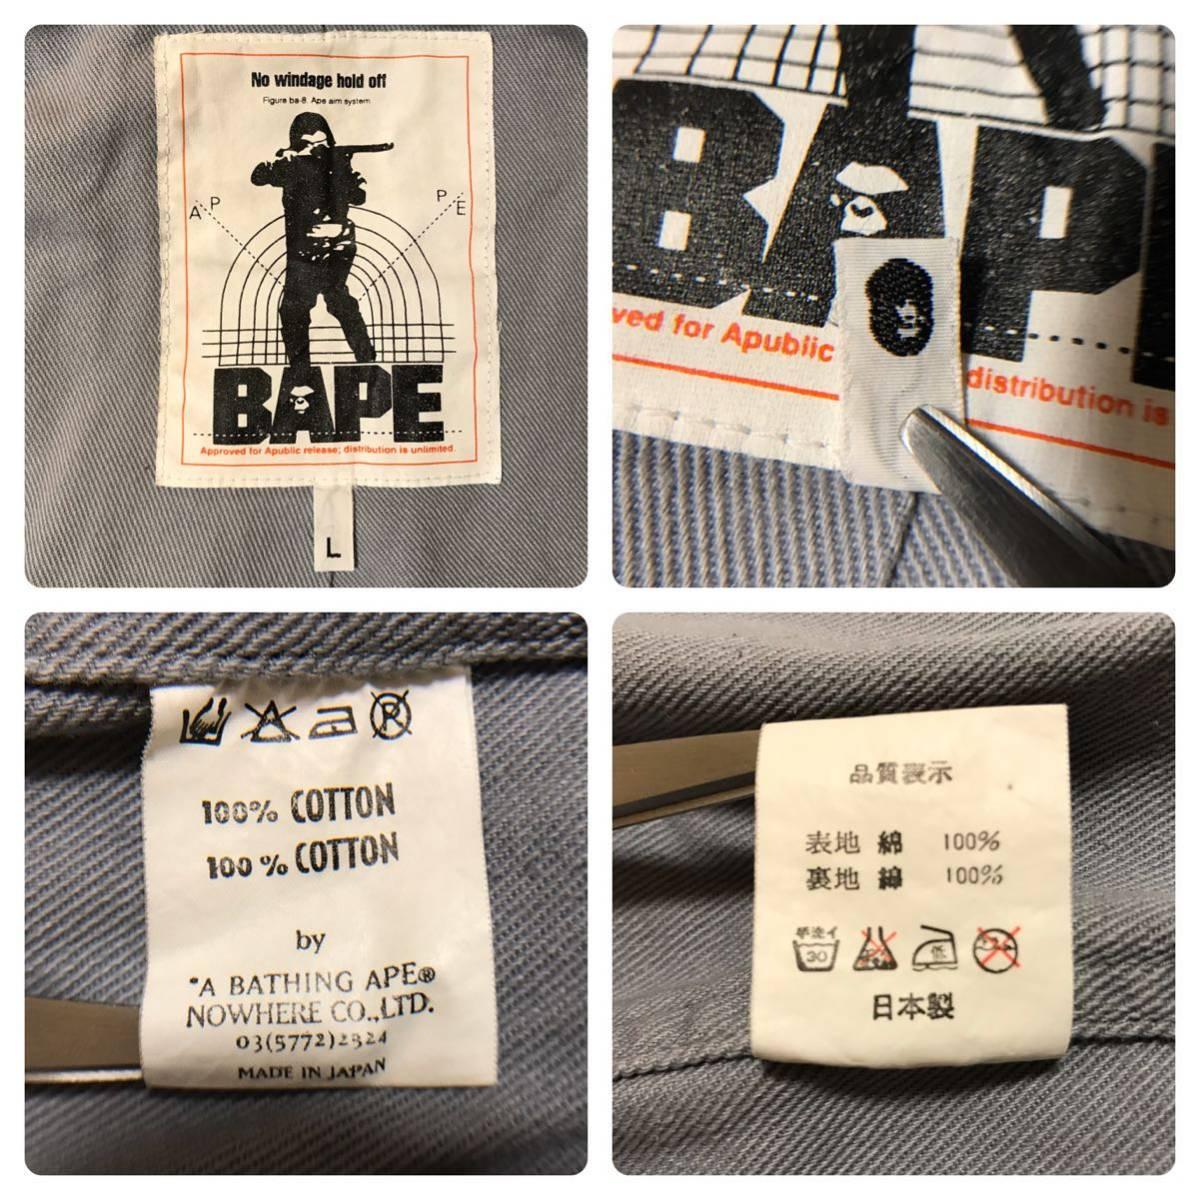 ★レア★ sta camo M65 ミリタリー ジャケット Lサイズ a bathing ape BAPE jacket エイプ ベイプ アベイシングエイプ psyche 迷彩 098